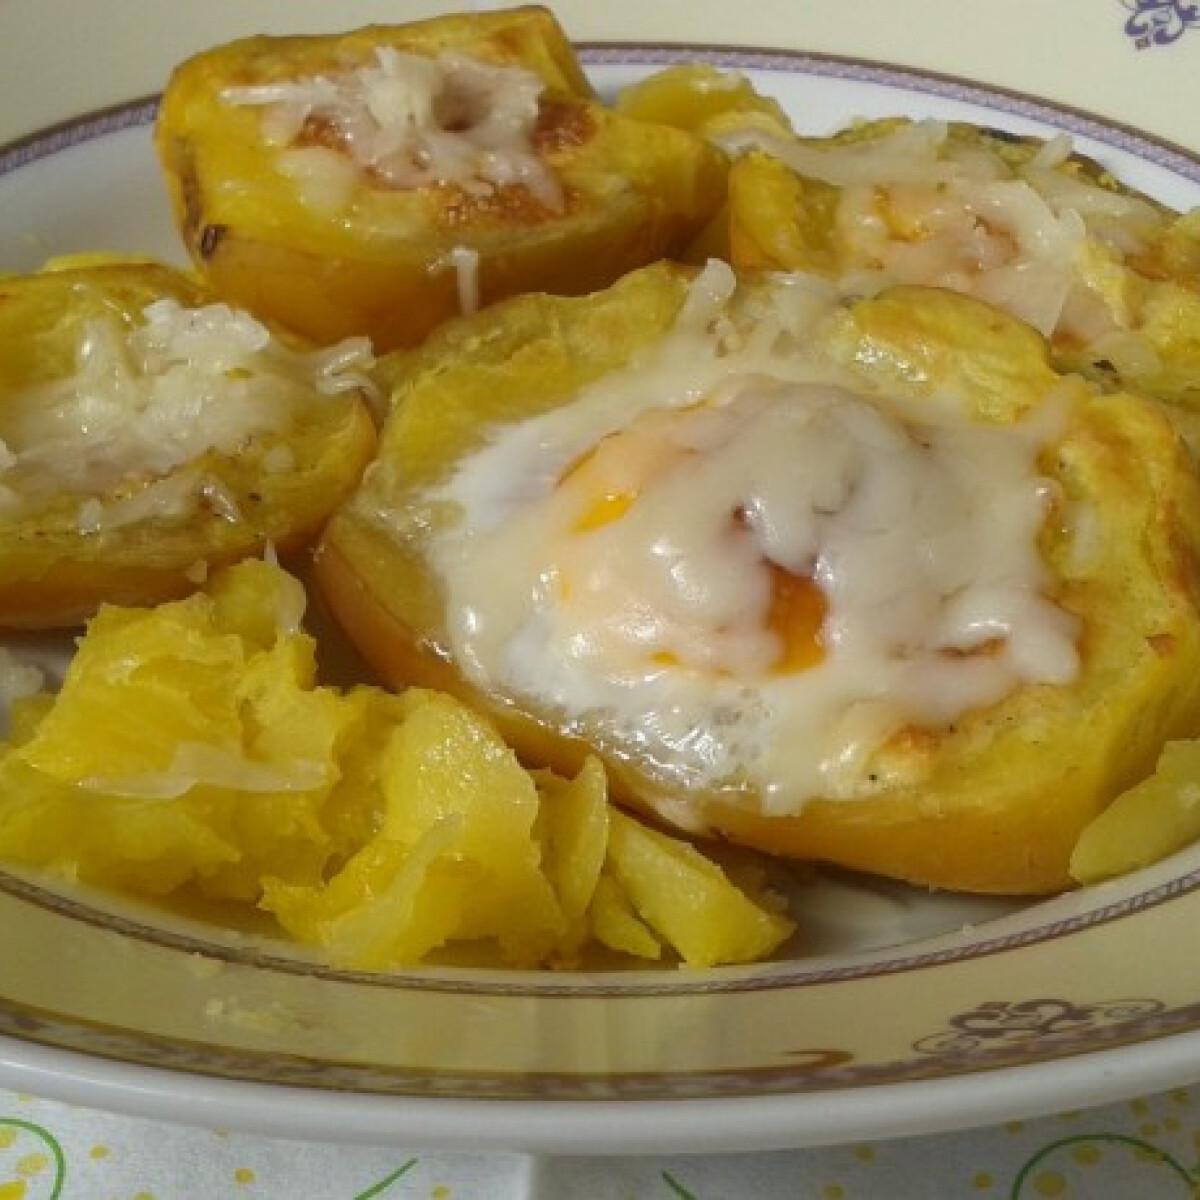 Krumpliban sült tojás